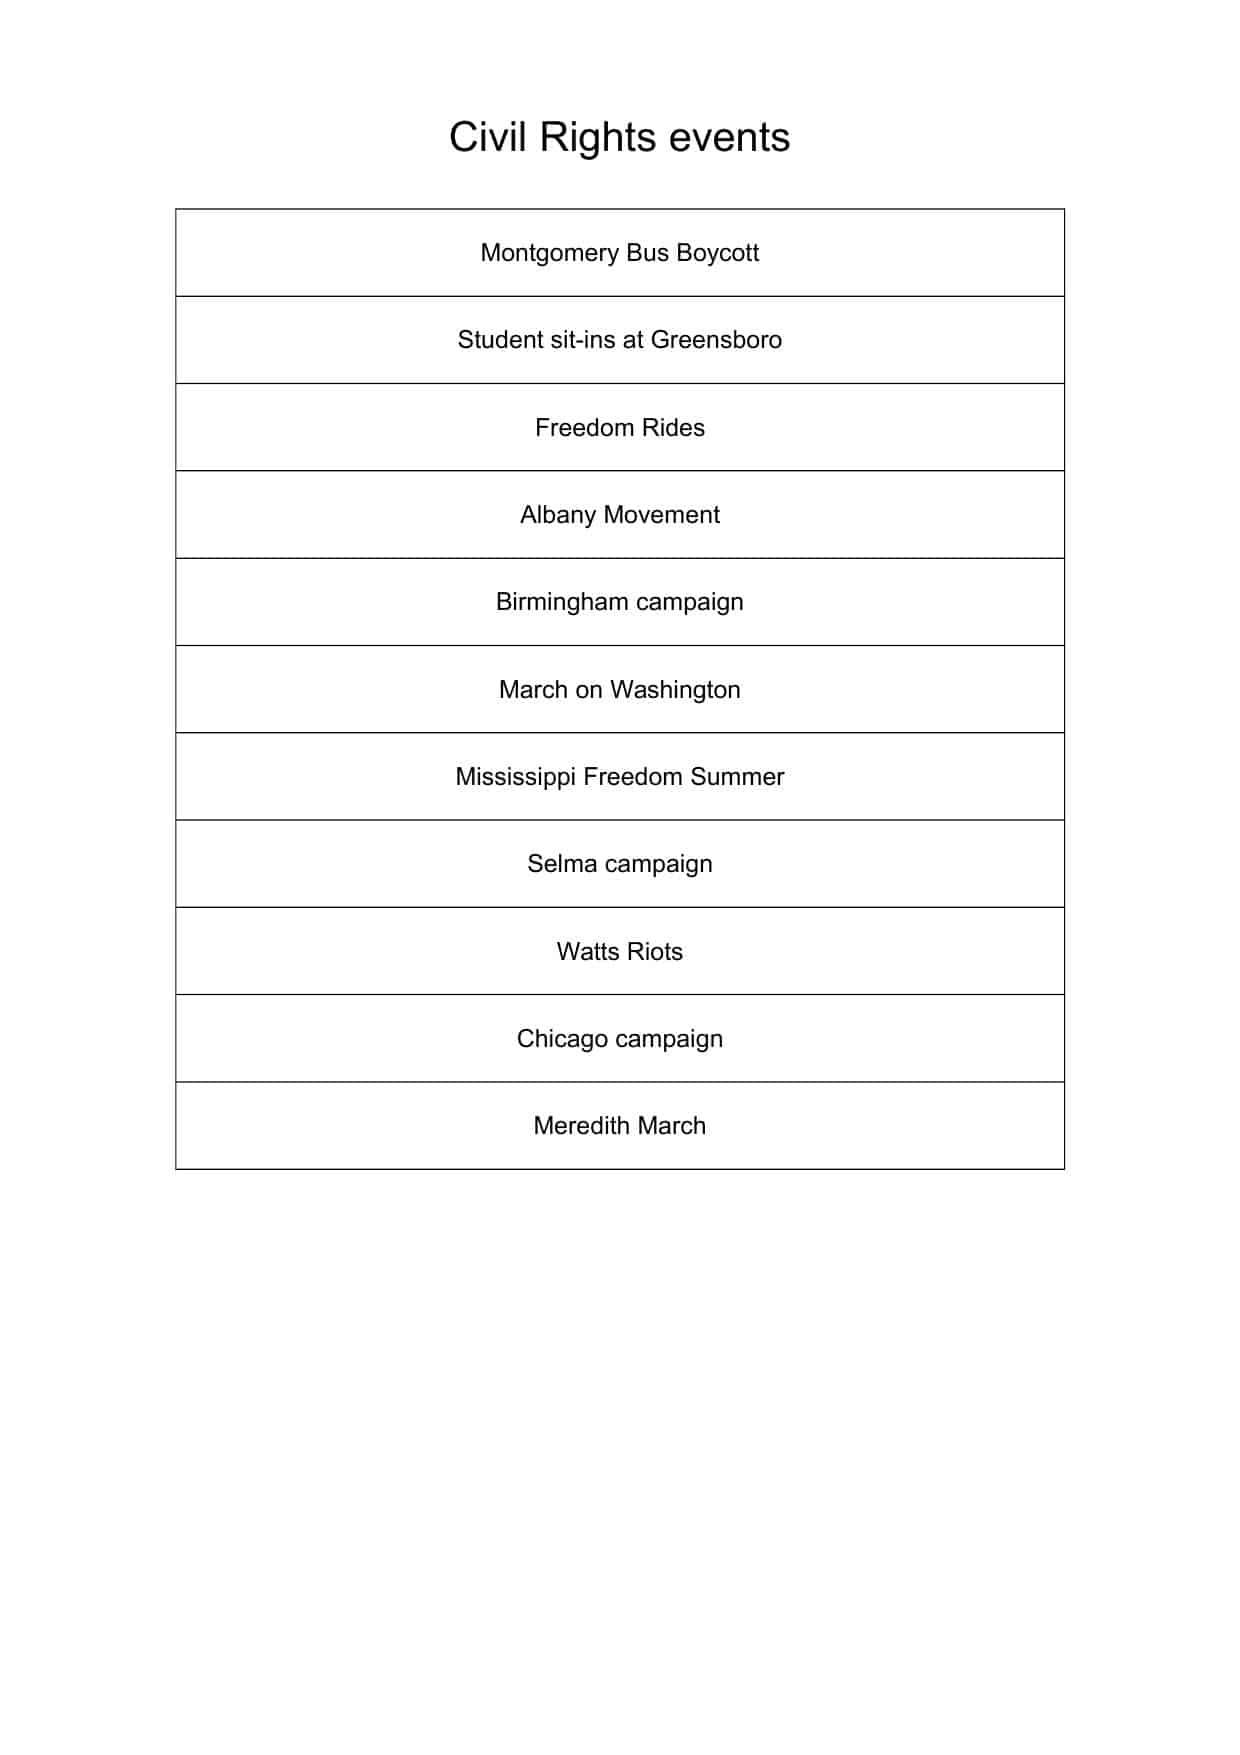 Civil Rights Events Timeline Worksheet